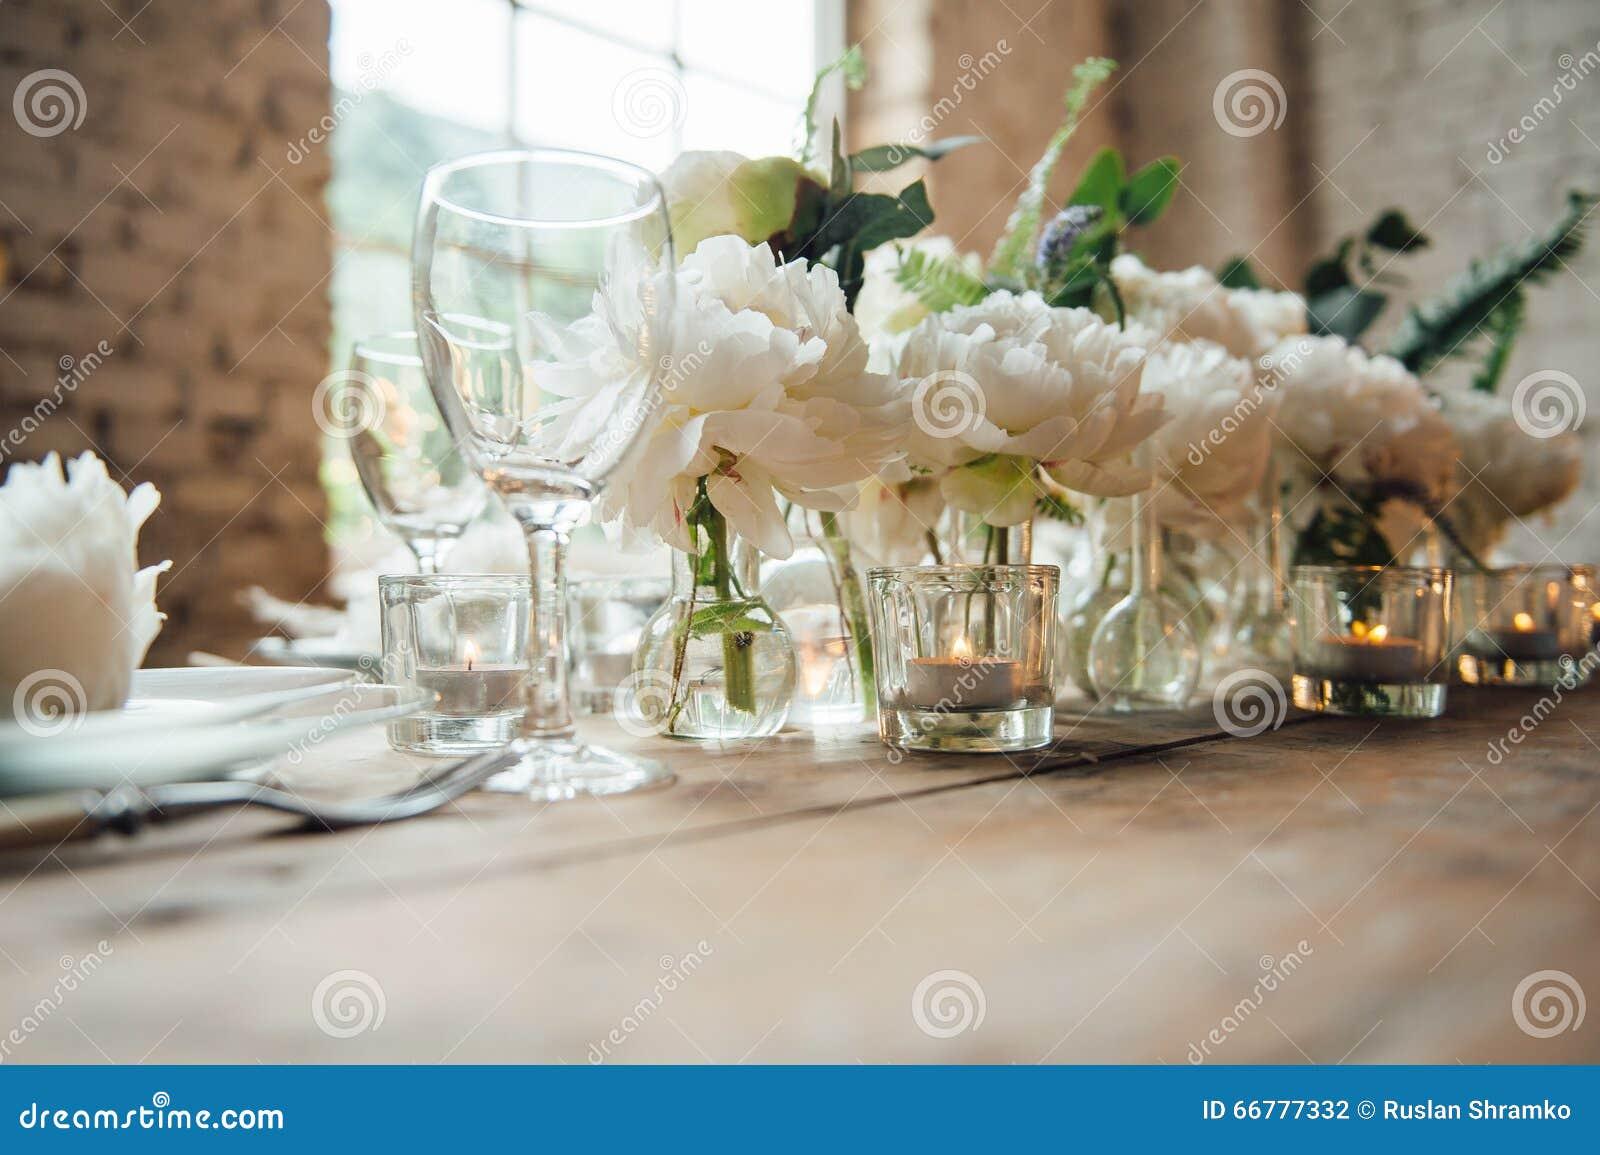 Комната свадьбы украсила стиль просторной квартиры с таблицей и аксессуарами